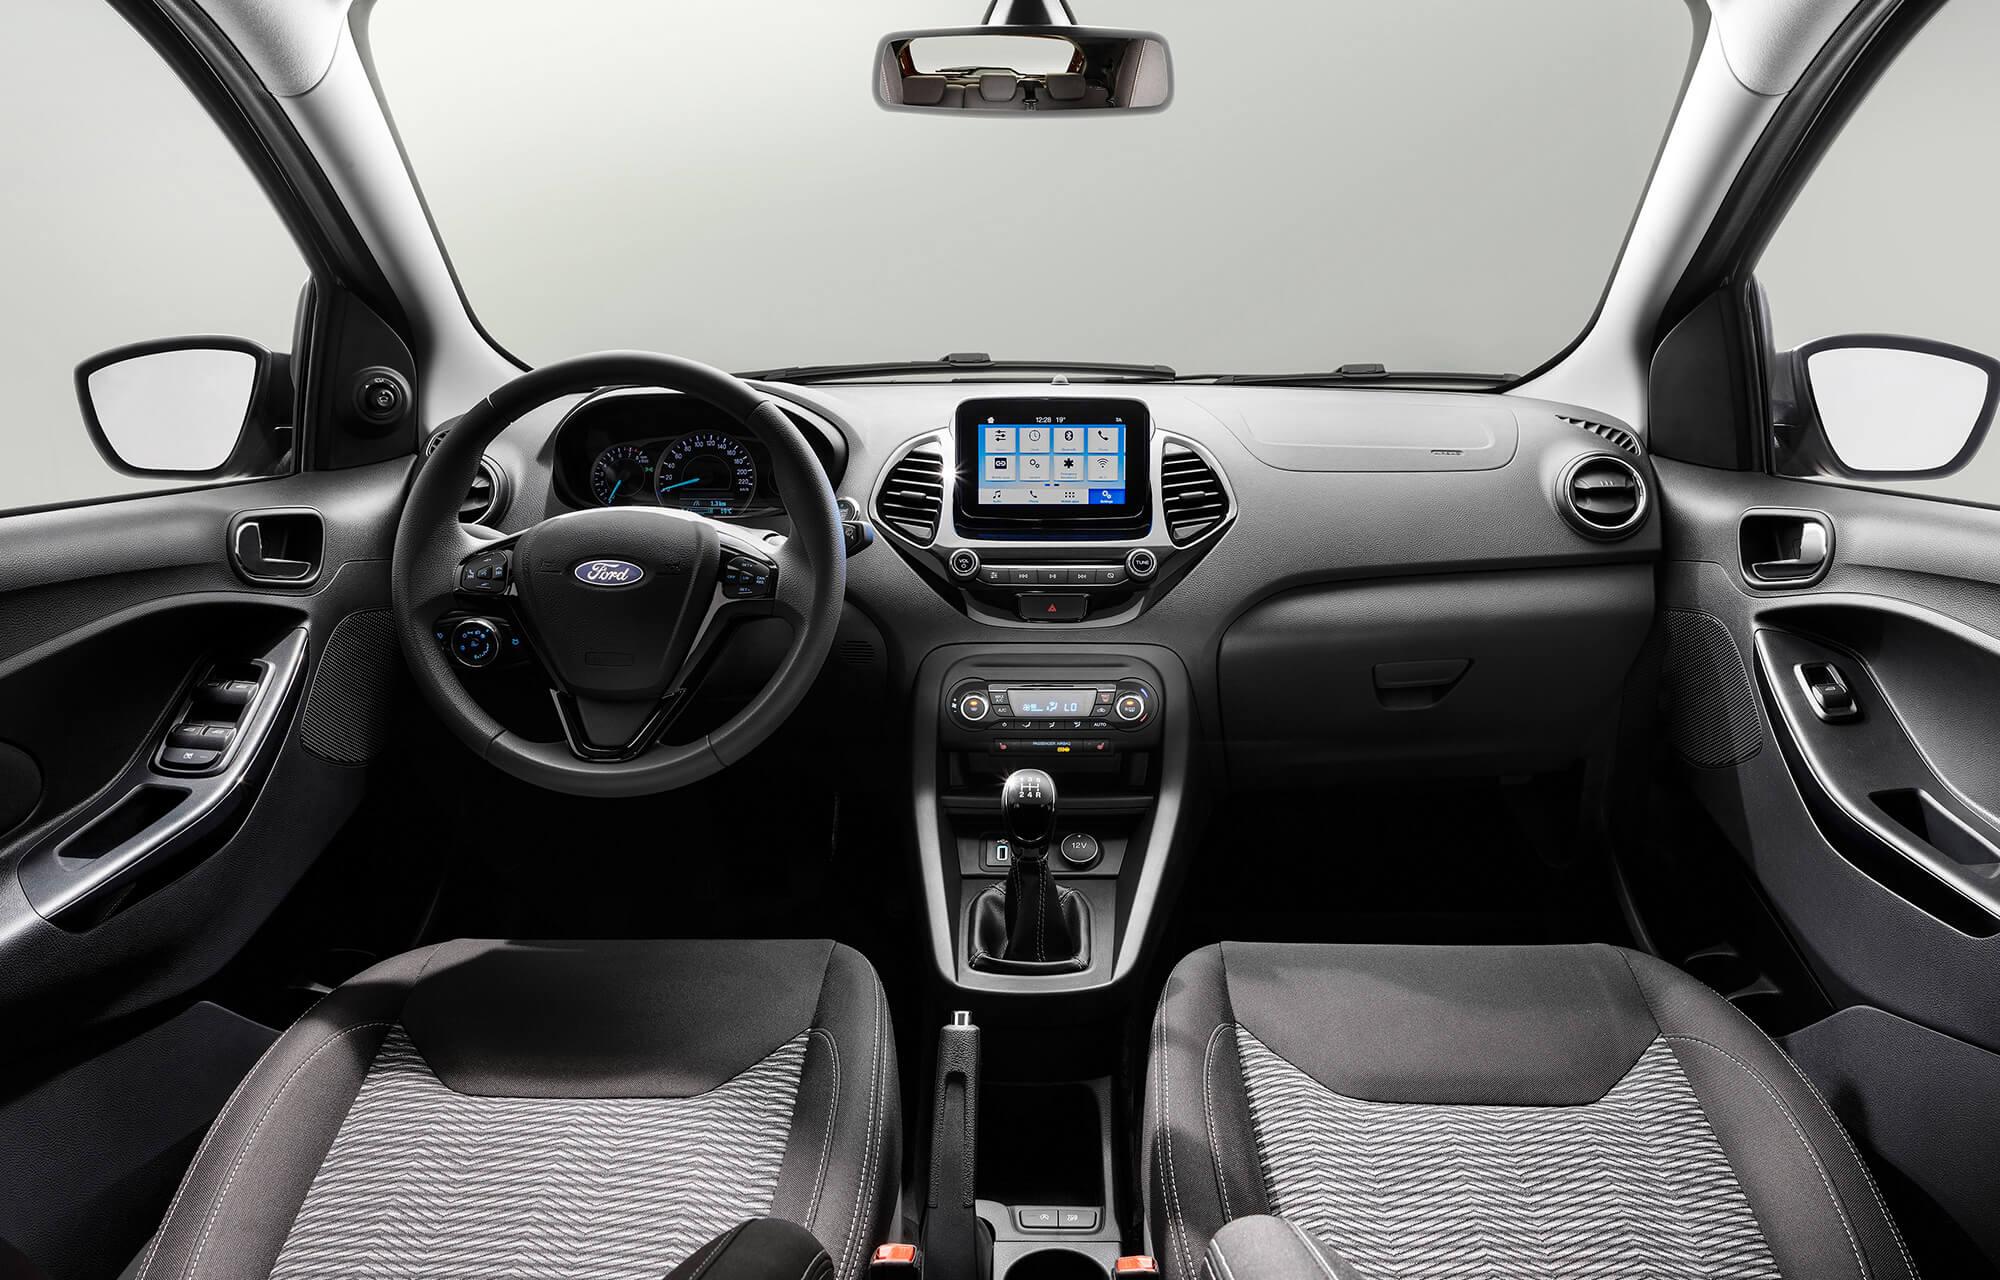 Interieur de la nouvelle Ford KA+